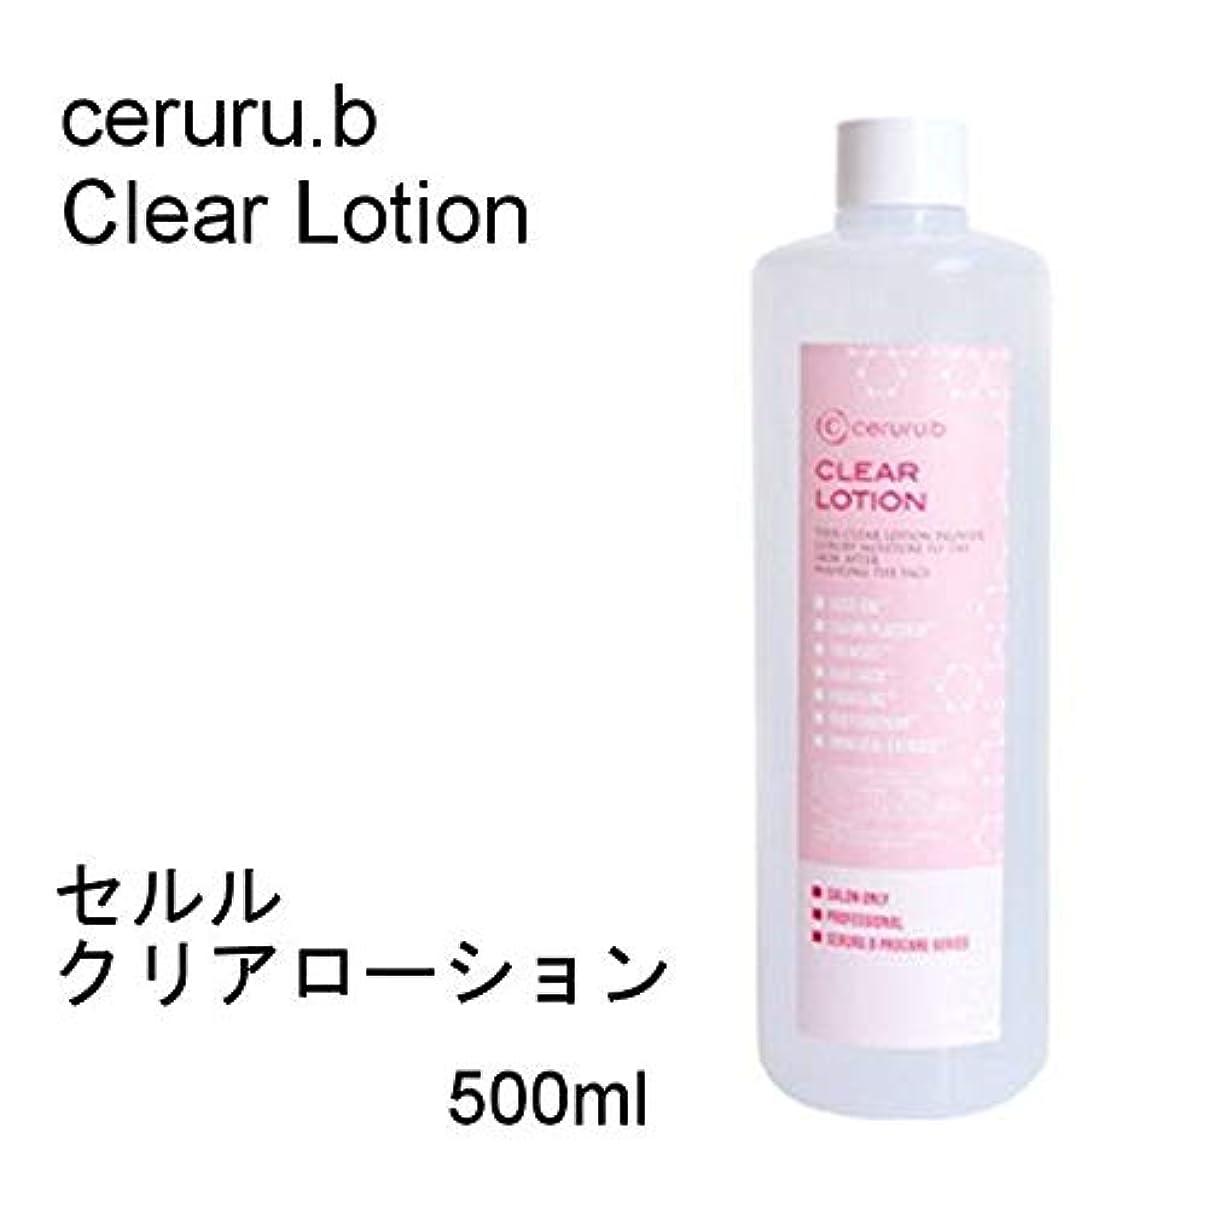 祝福する絶壁ceruru.b/セルル 業務用 クリアローション 化粧水 500mL